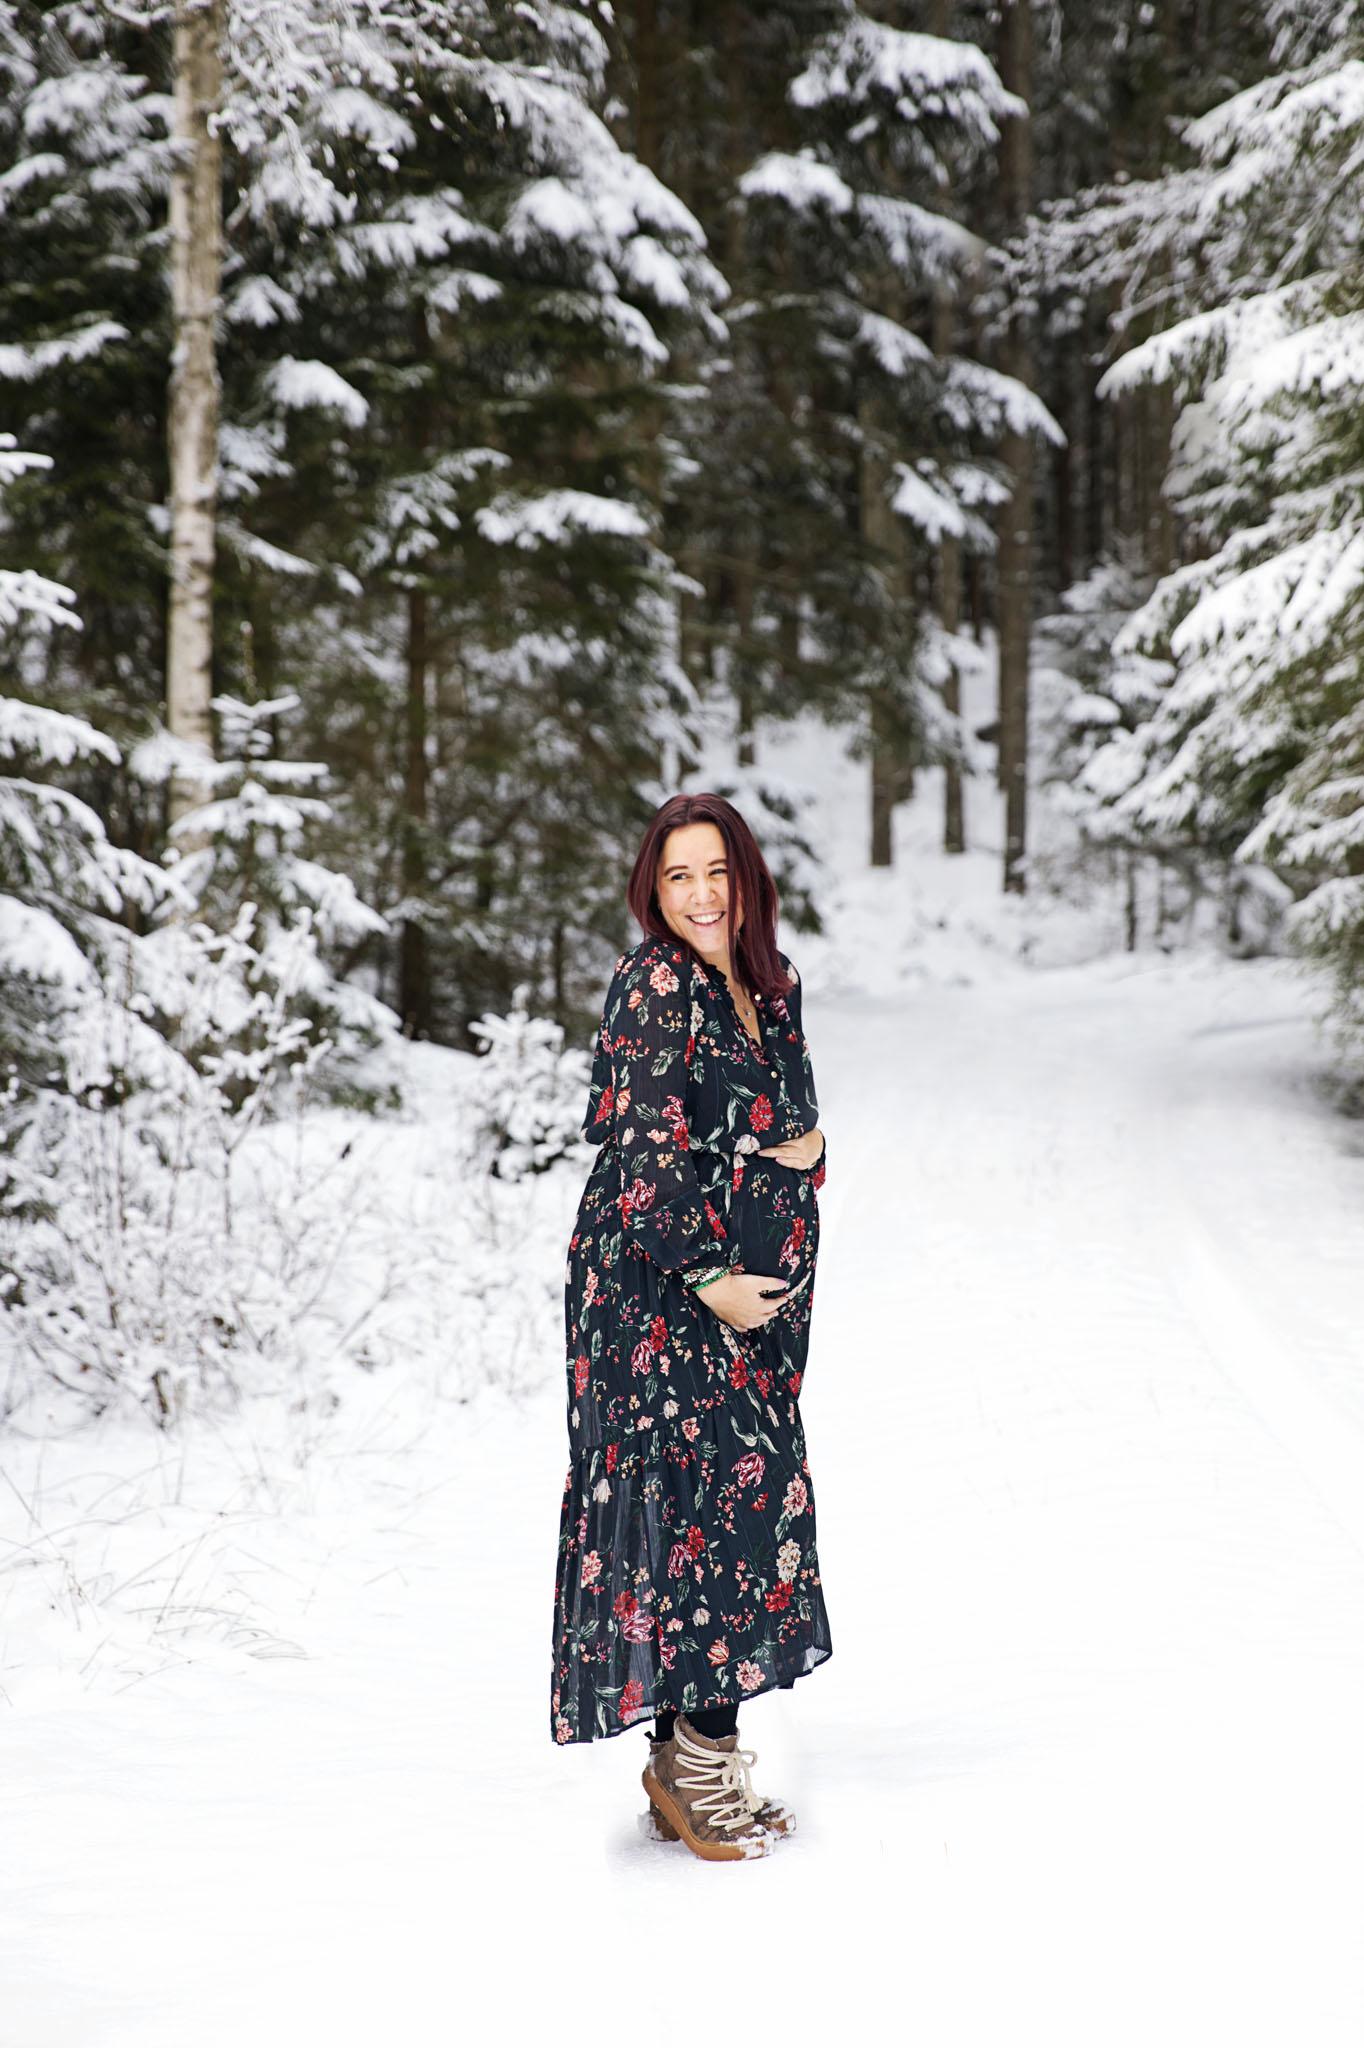 Gravidfotografering med gravidfotografen fotograf Emy Halmstad